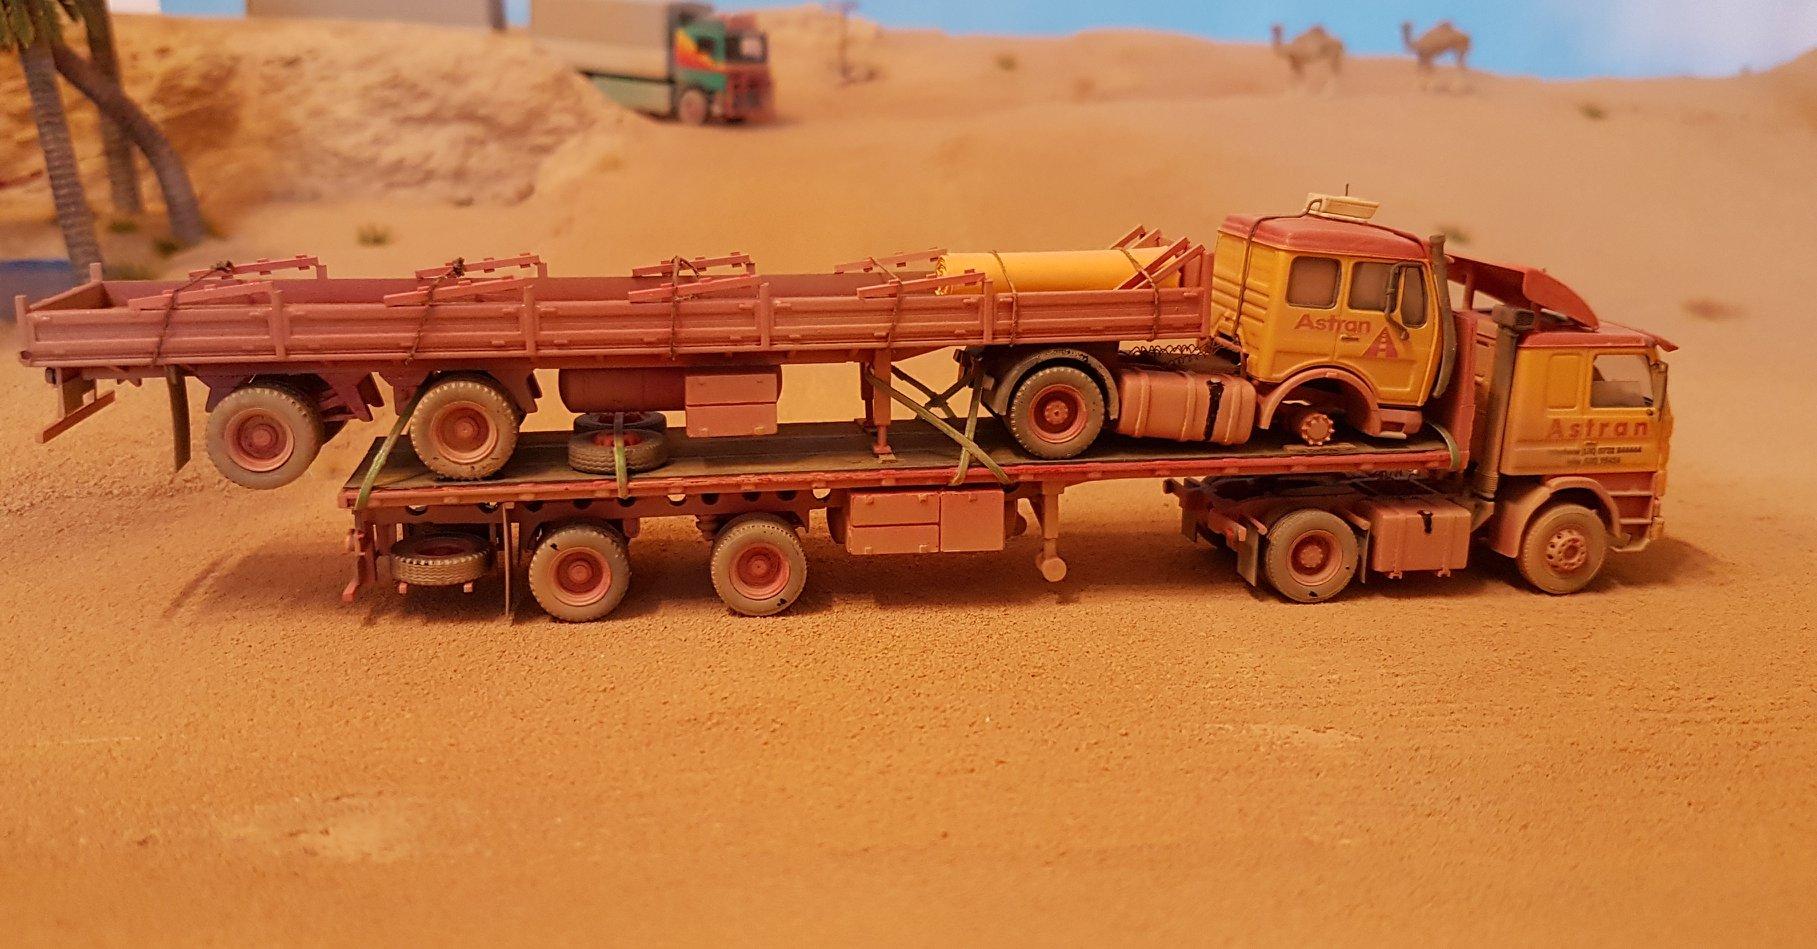 By-Eik-Truck-modelling-(3)